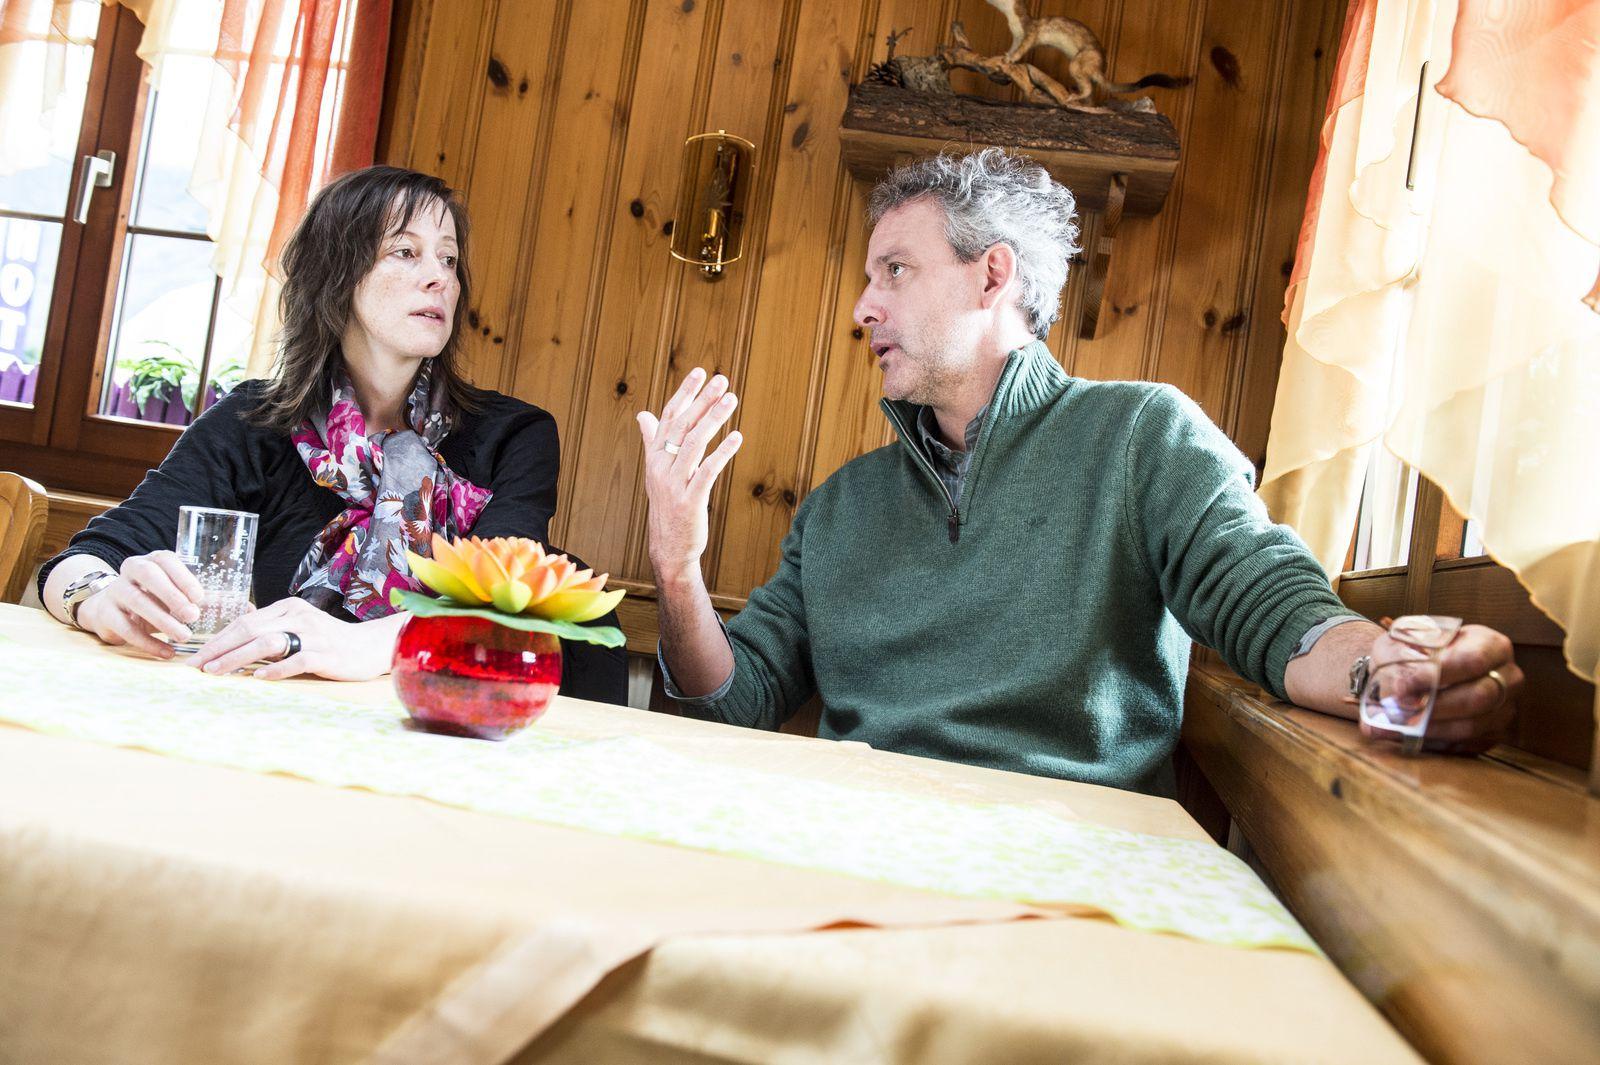 photo louis dasselborne: Noelle Revaz en companie de  l'écrivain Jérôme Meizoz